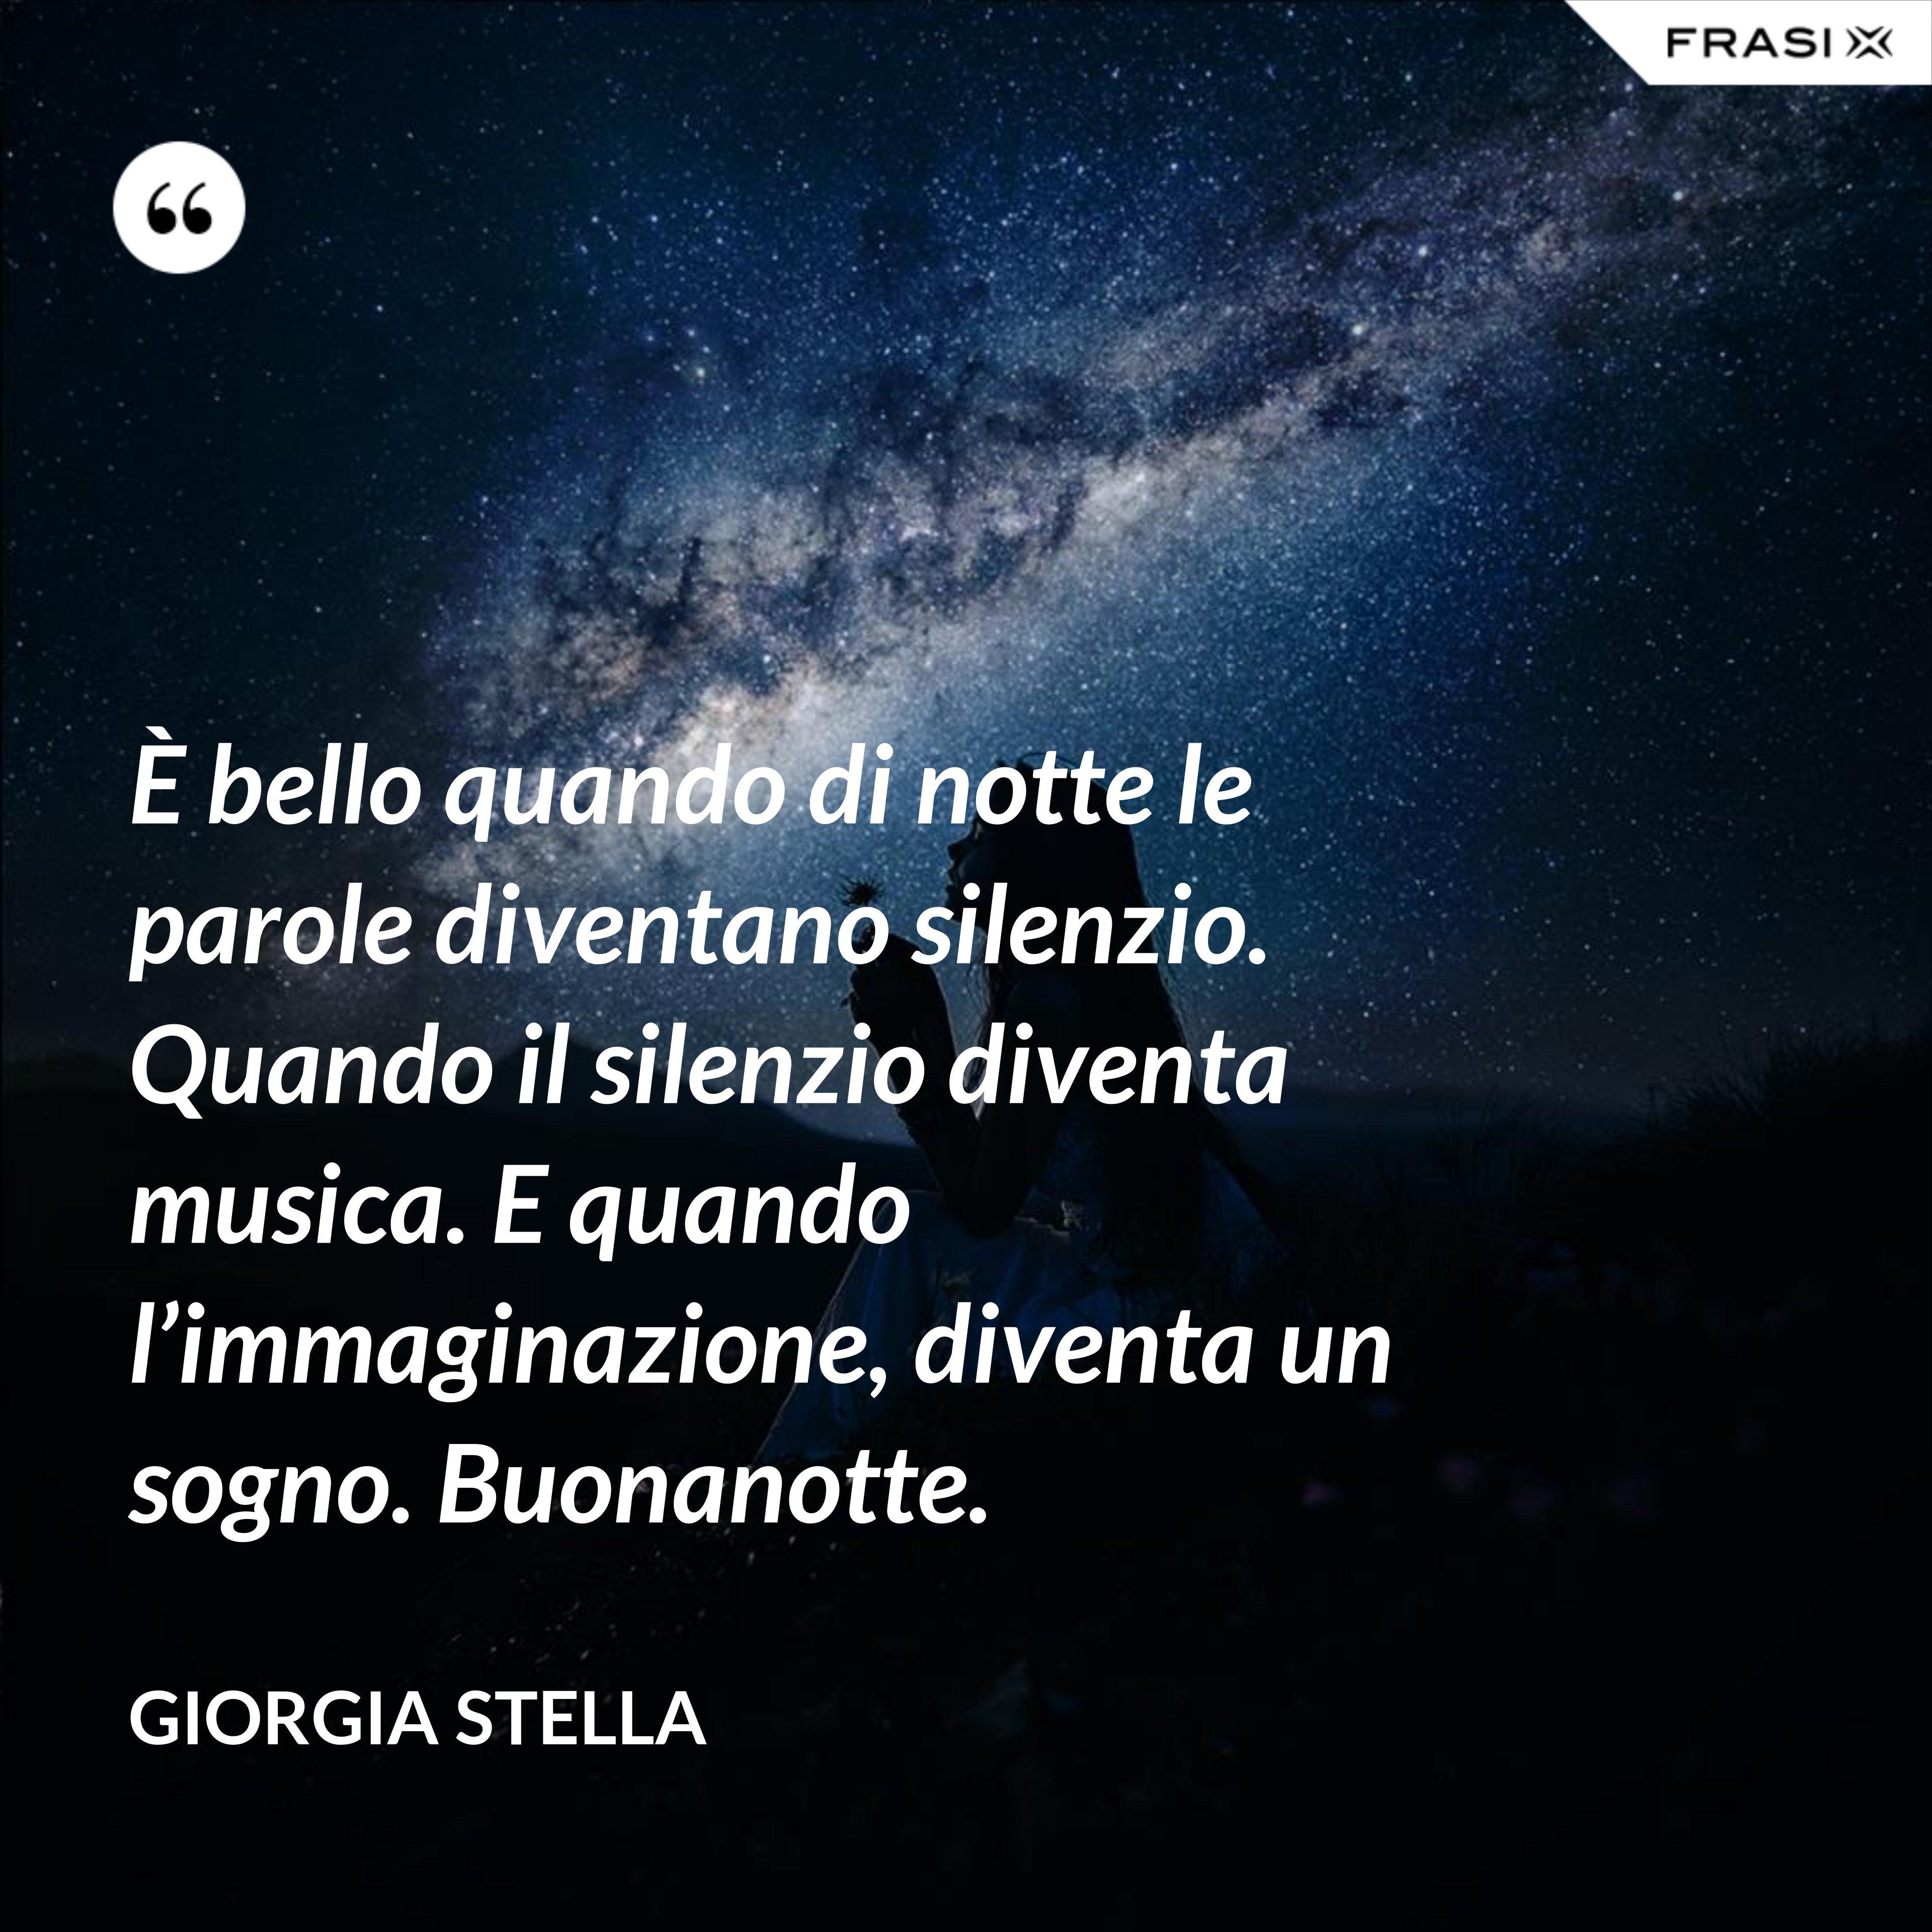 È bello quando di notte le parole diventano silenzio. Quando il silenzio diventa musica. E quando l'immaginazione, diventa un sogno. Buonanotte. - Giorgia Stella